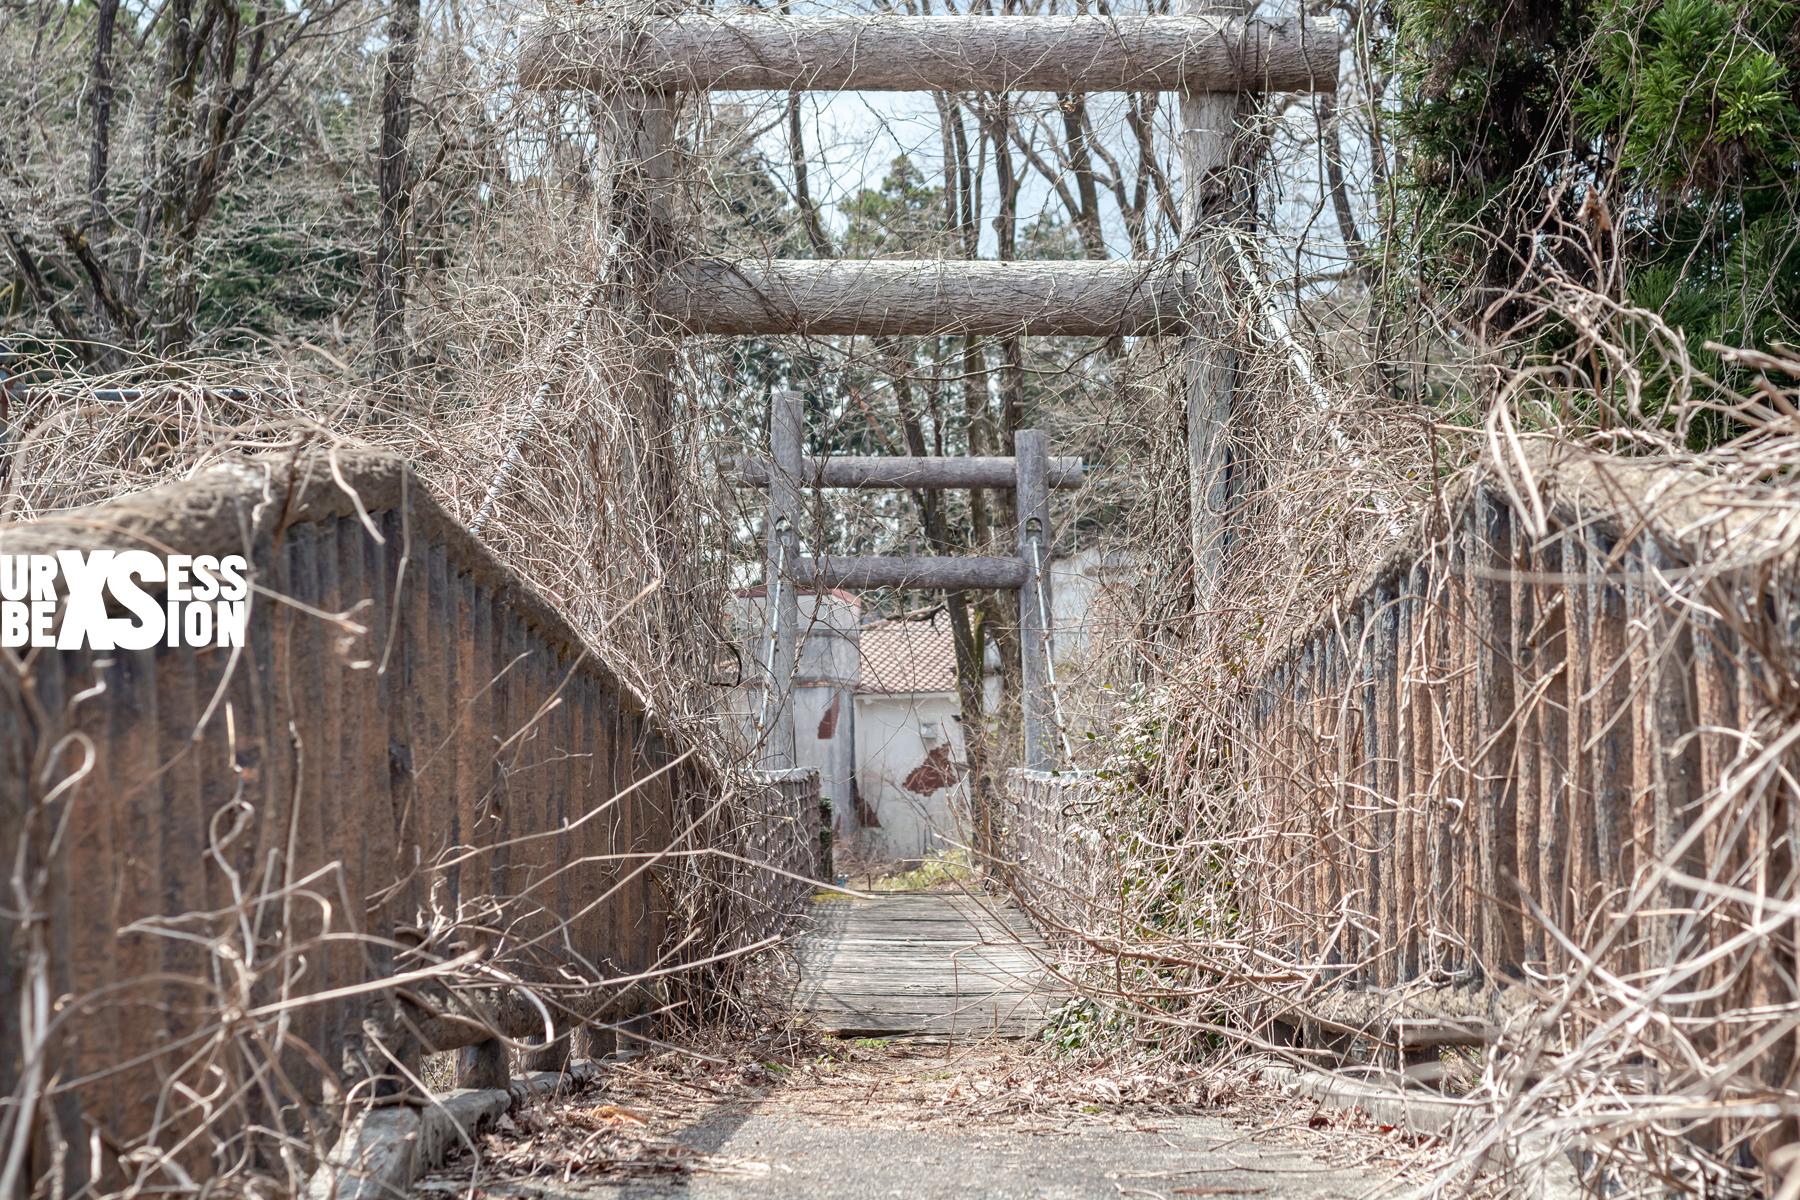 Le parc d'attractions Western Village situé au Japon | urbexsession.com/western-village | Urbex Japon